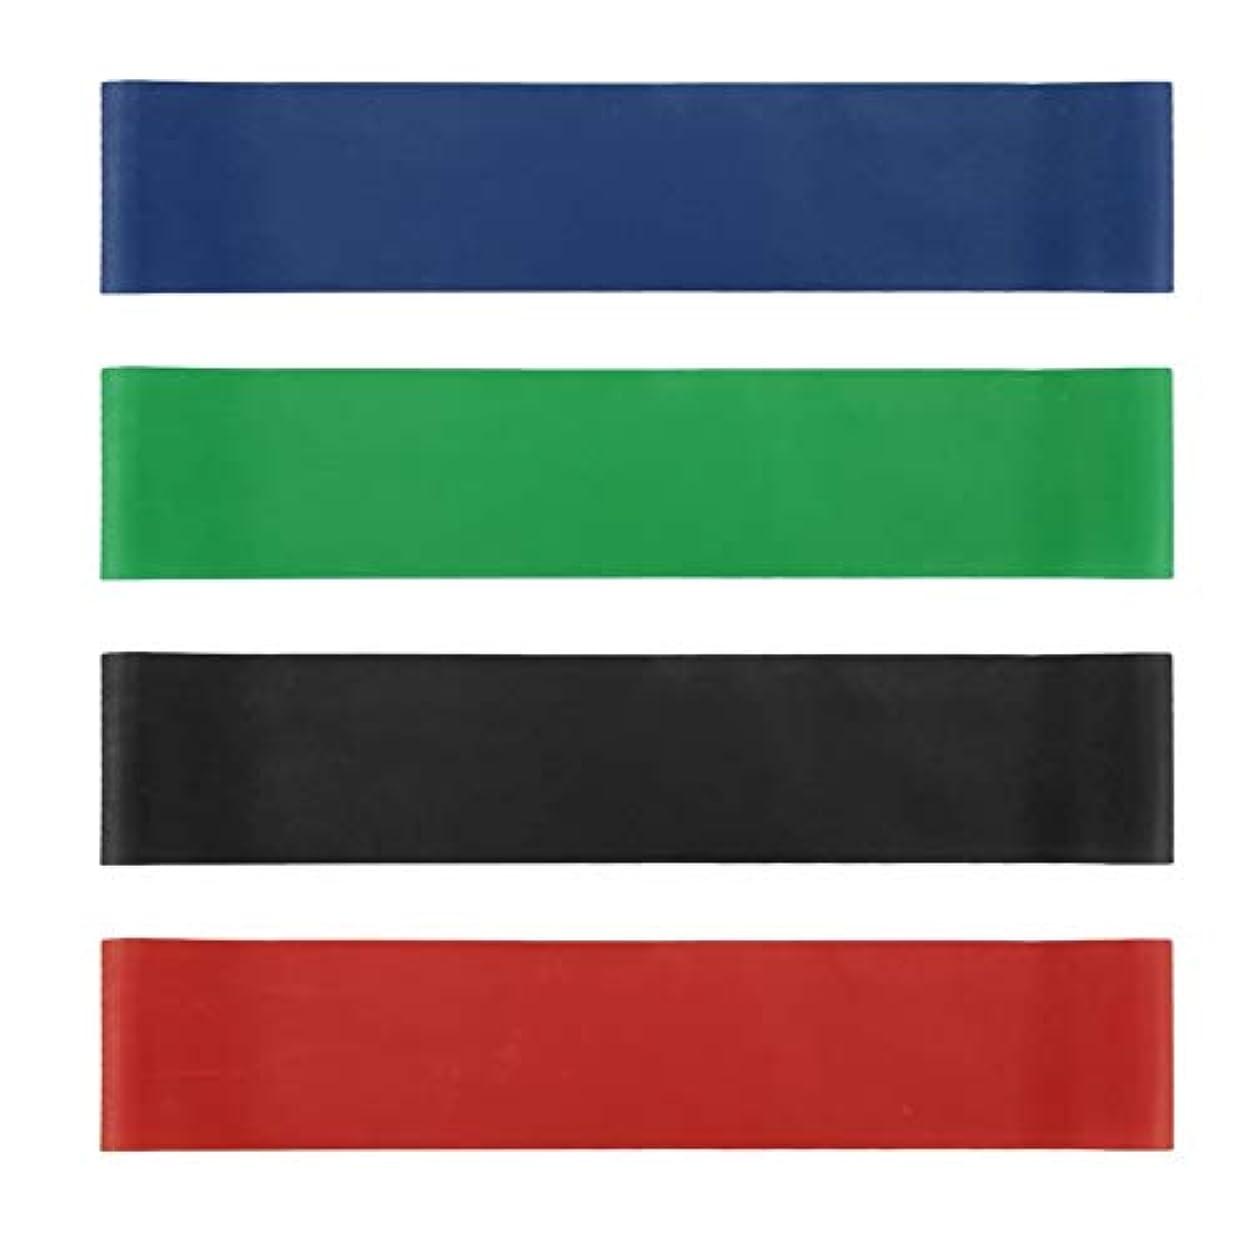 盟主憲法曇った4本の伸縮性ゴム弾性ヨガベルトバンドプルロープ張力抵抗バンドループ強度のフィットネスヨガツール - レッド&ブルー&グリーン&ブラック